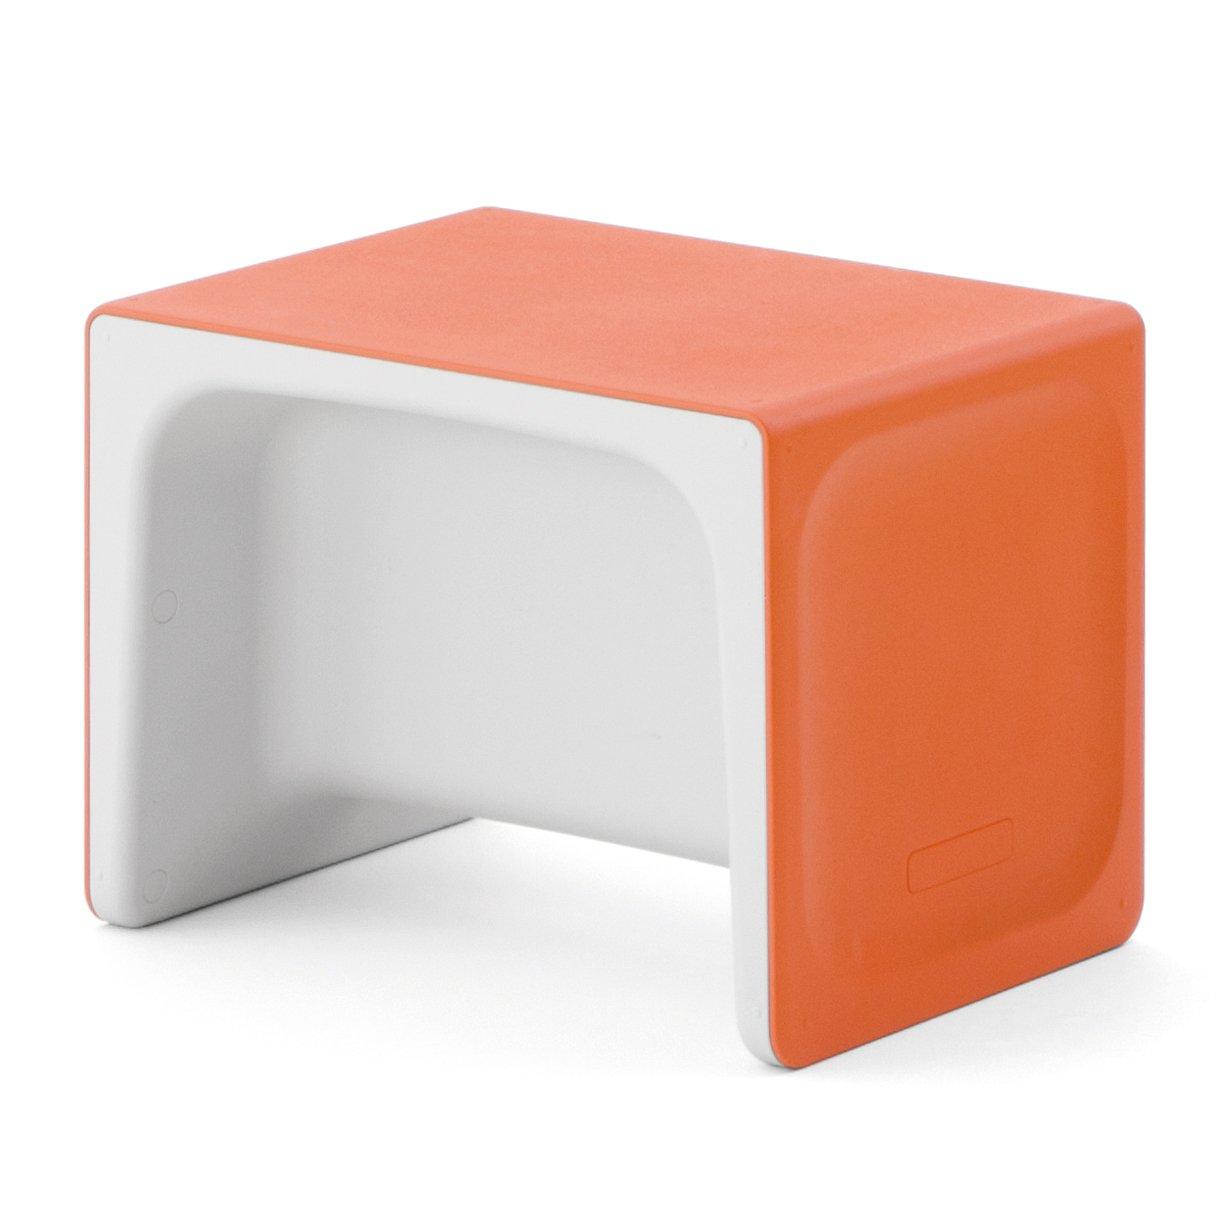 コクヨ キッズ チェア テーブル キャンパスブロック ペールタンジェリン CAC-30E B012MLF7F2 Parent ペールタンジェリン/グレー